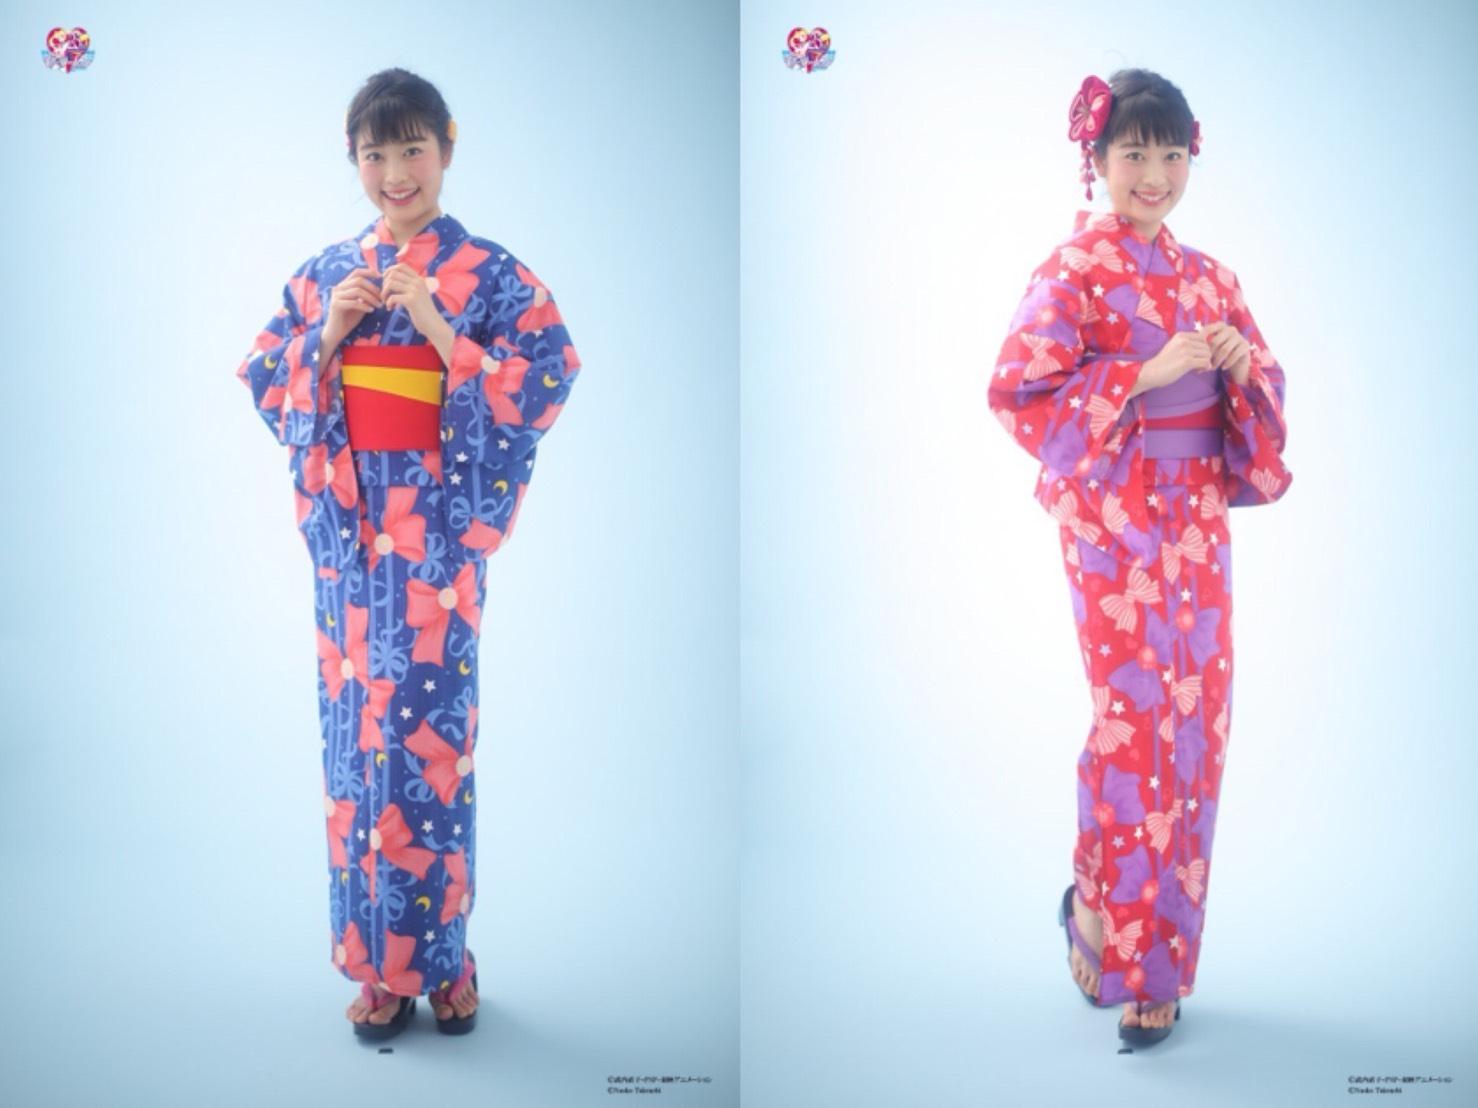 以「美少女戰士」五位主角為主題設計的浴衣登場! 和服、美少女戰士、